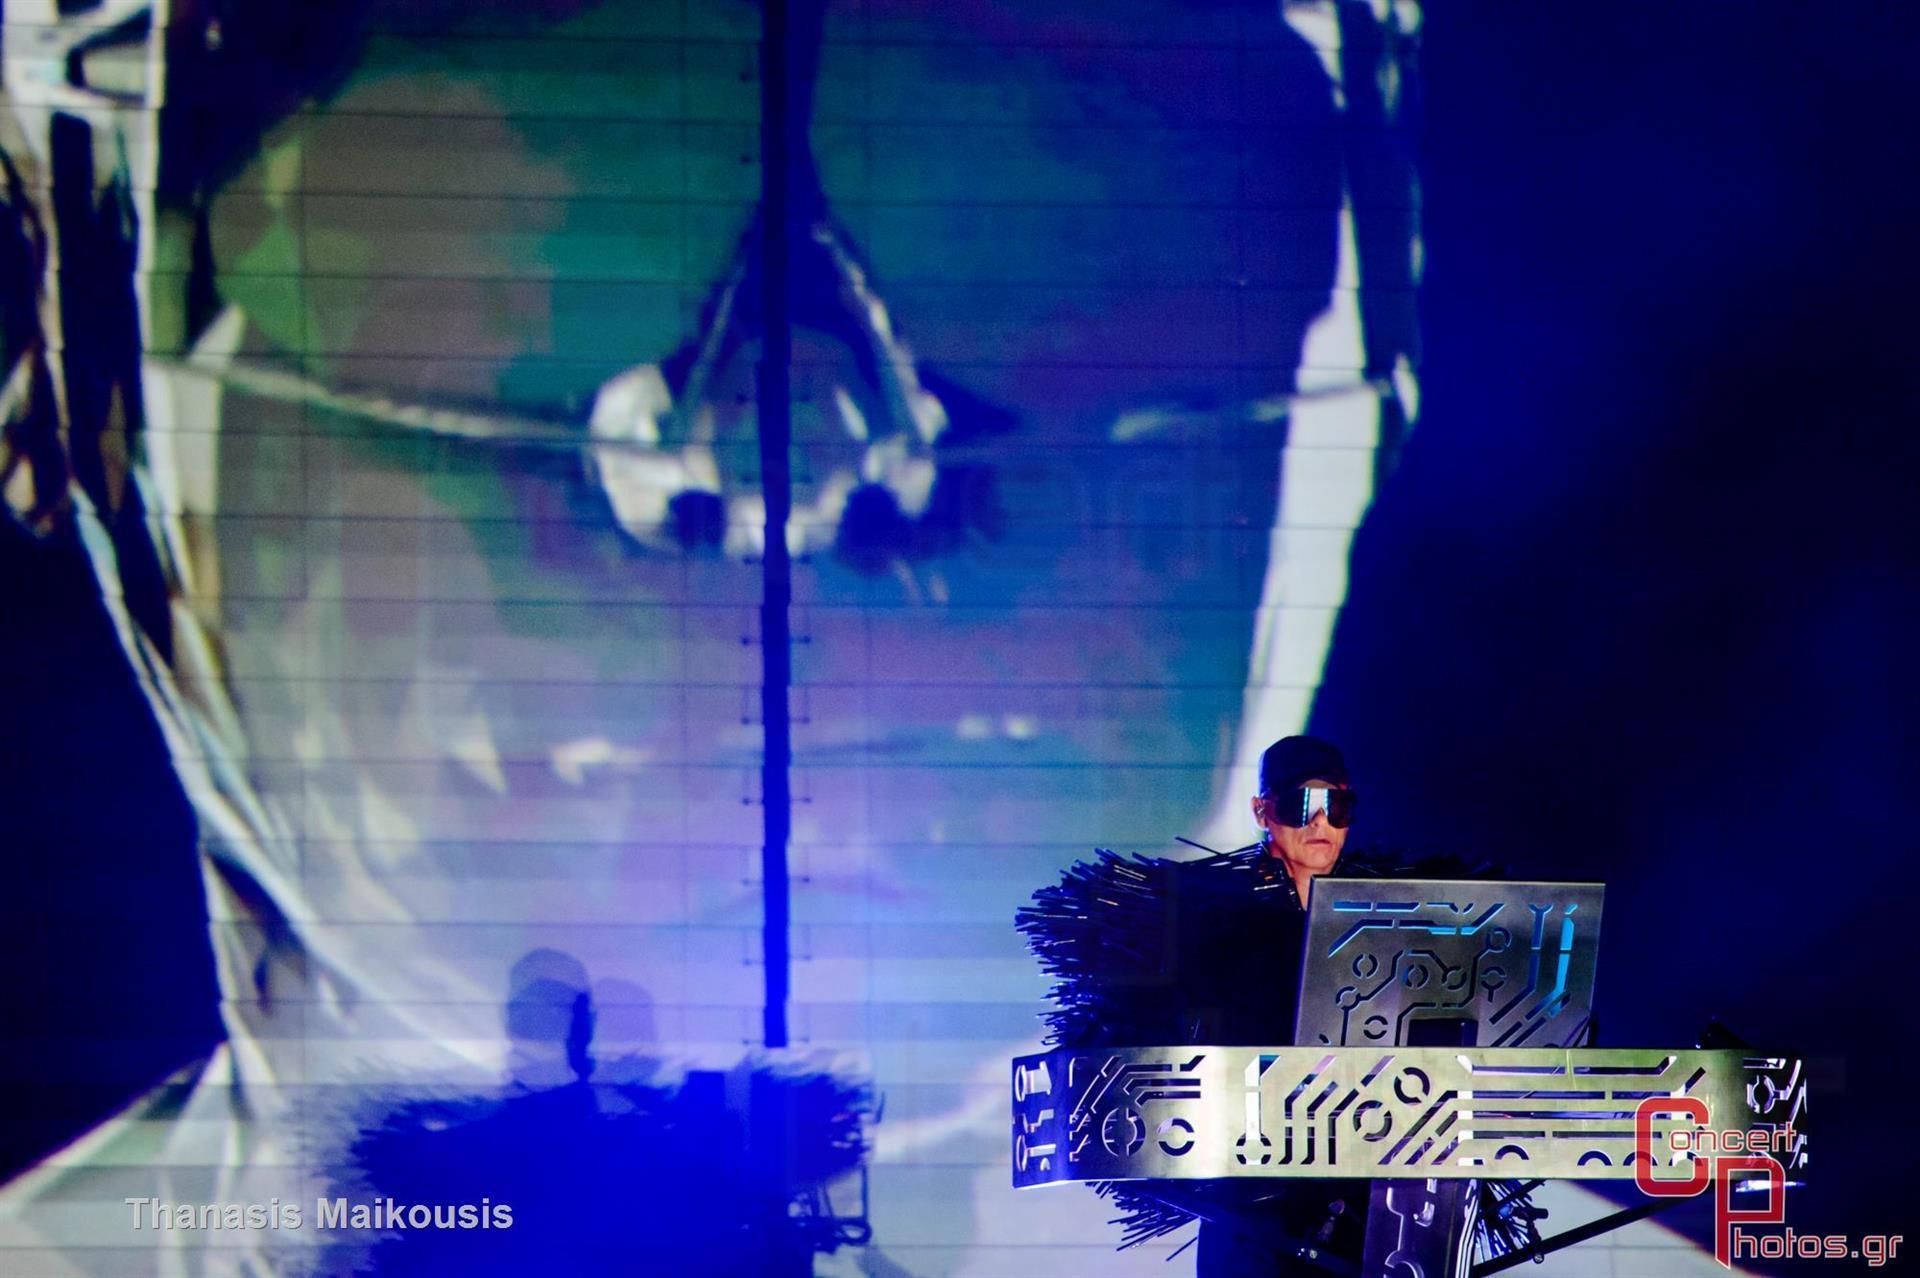 Pet Shop Boys-Pet Shop Boys photographer: Thanasis Maikousis - concertphotos_-9863